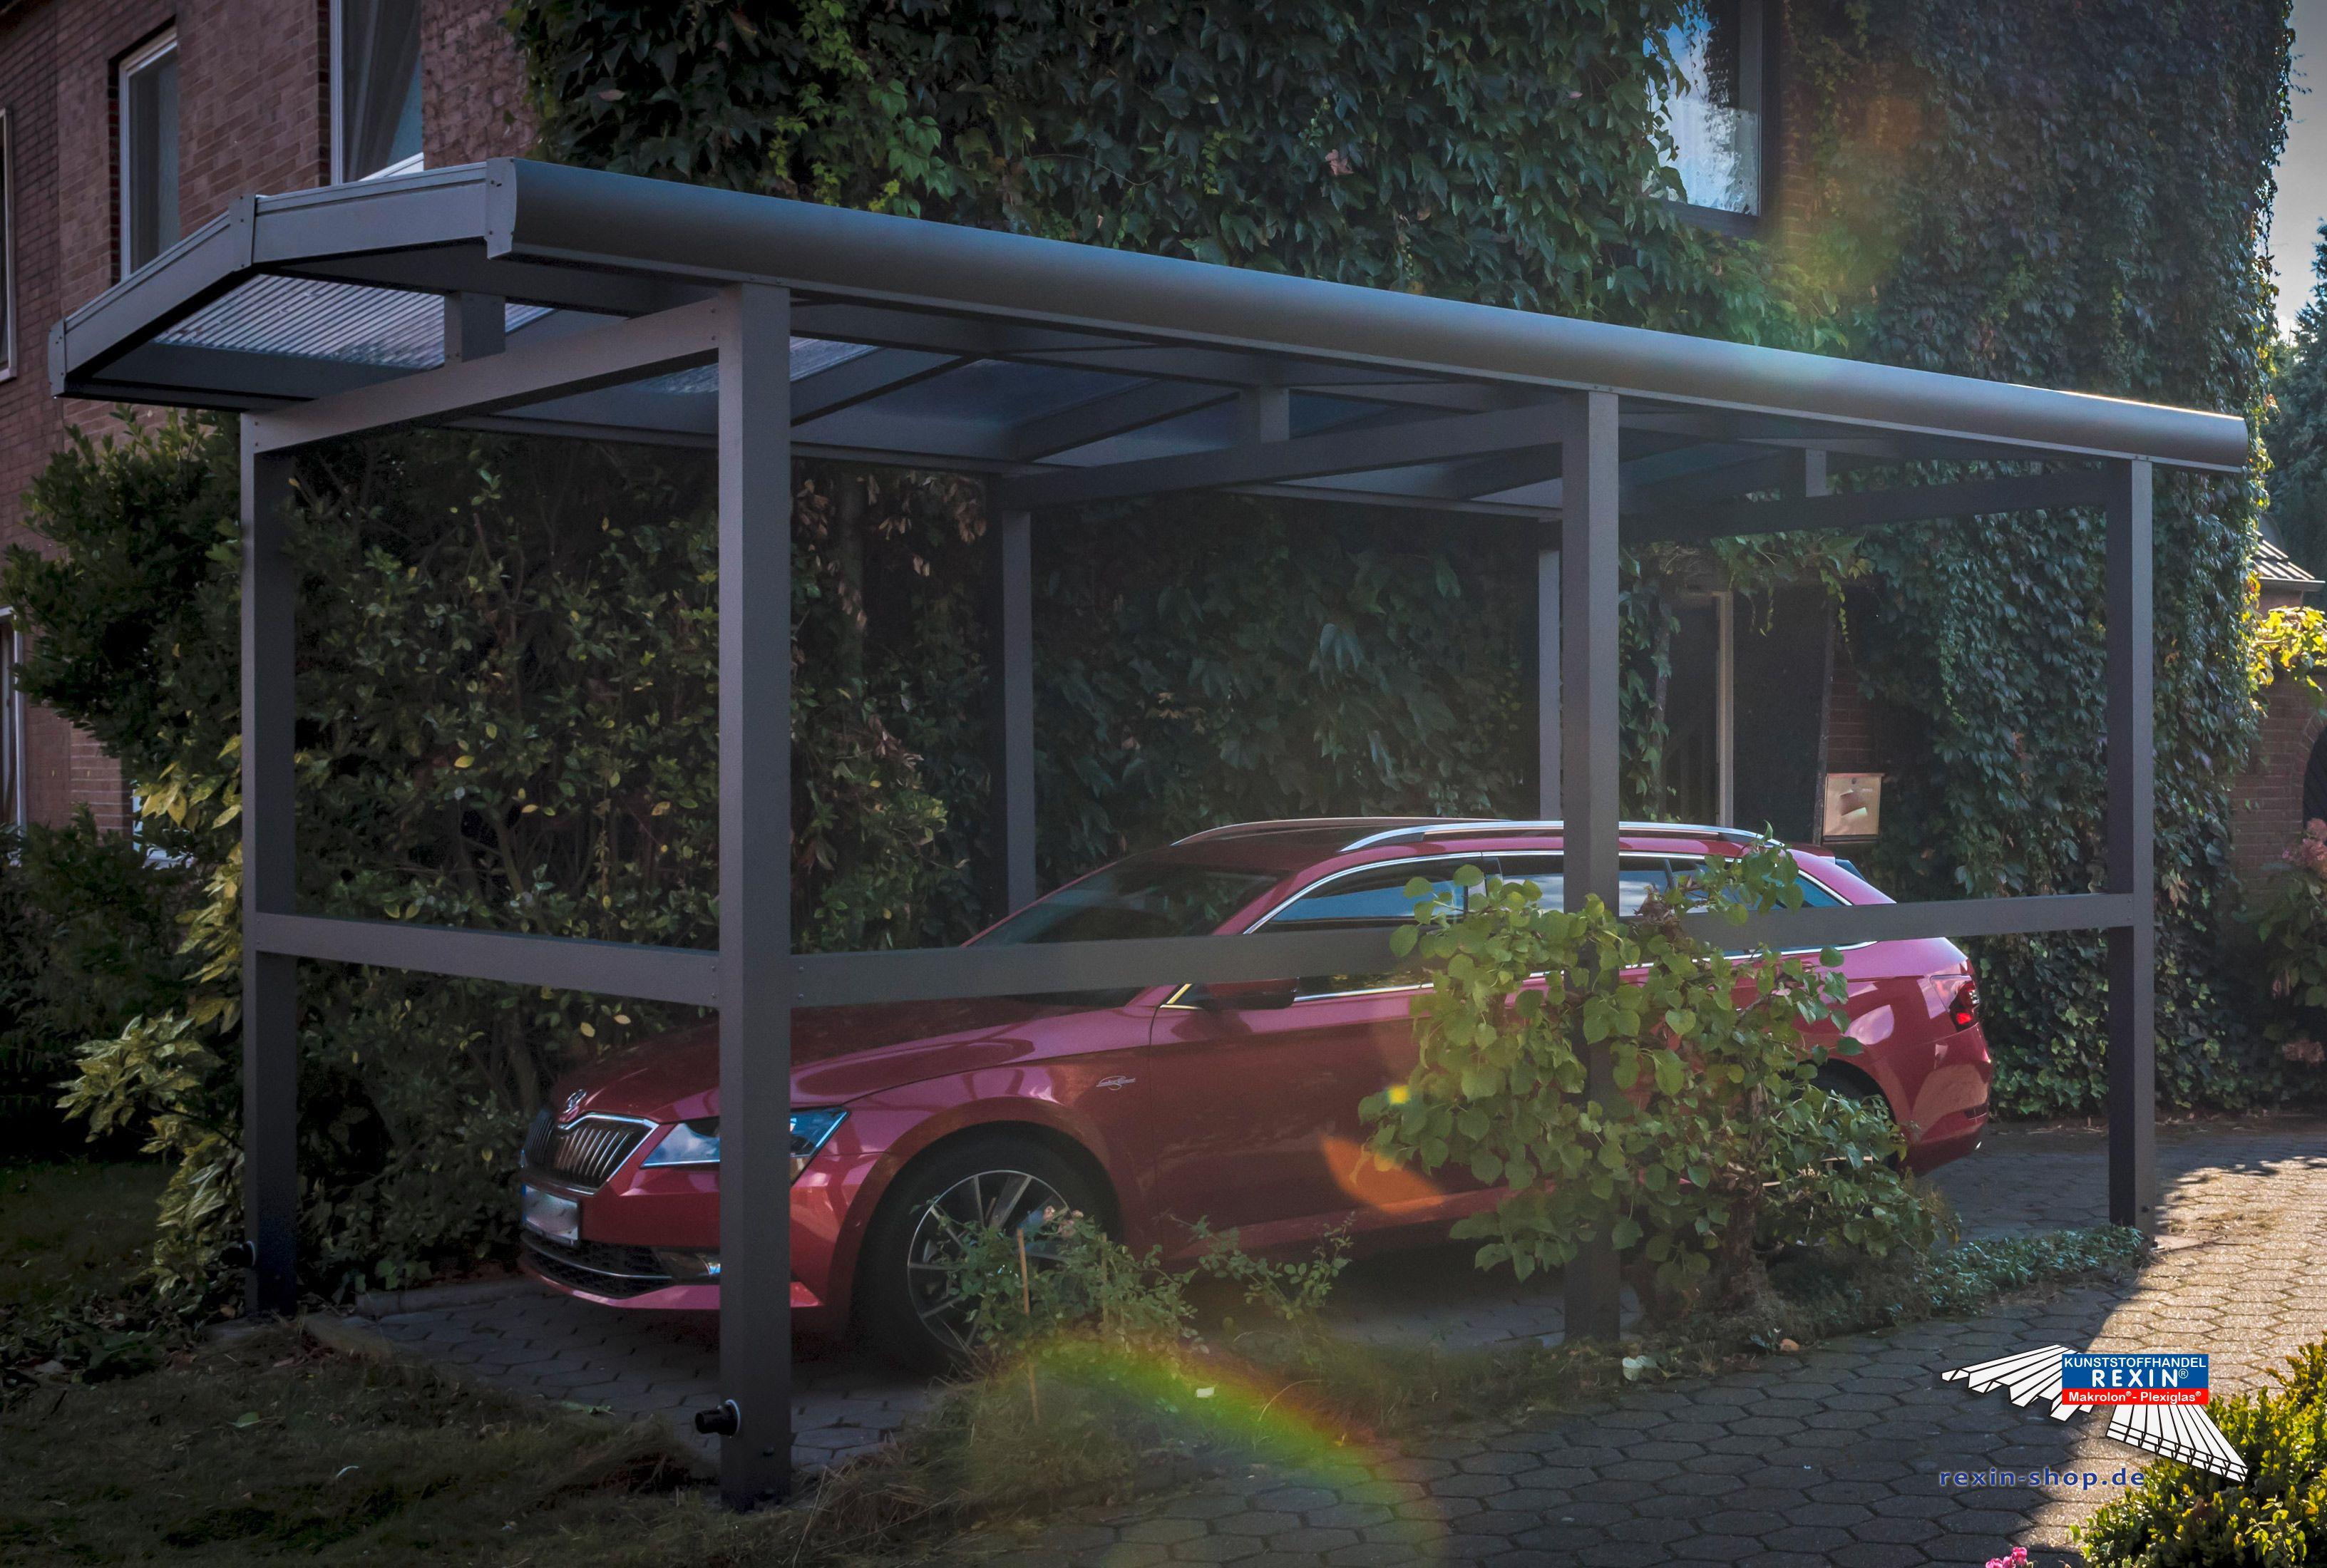 alu carport der marke rexoport 3m x 6m anthrazit mit einer pfostenverl ngerung auf 2 70m und. Black Bedroom Furniture Sets. Home Design Ideas